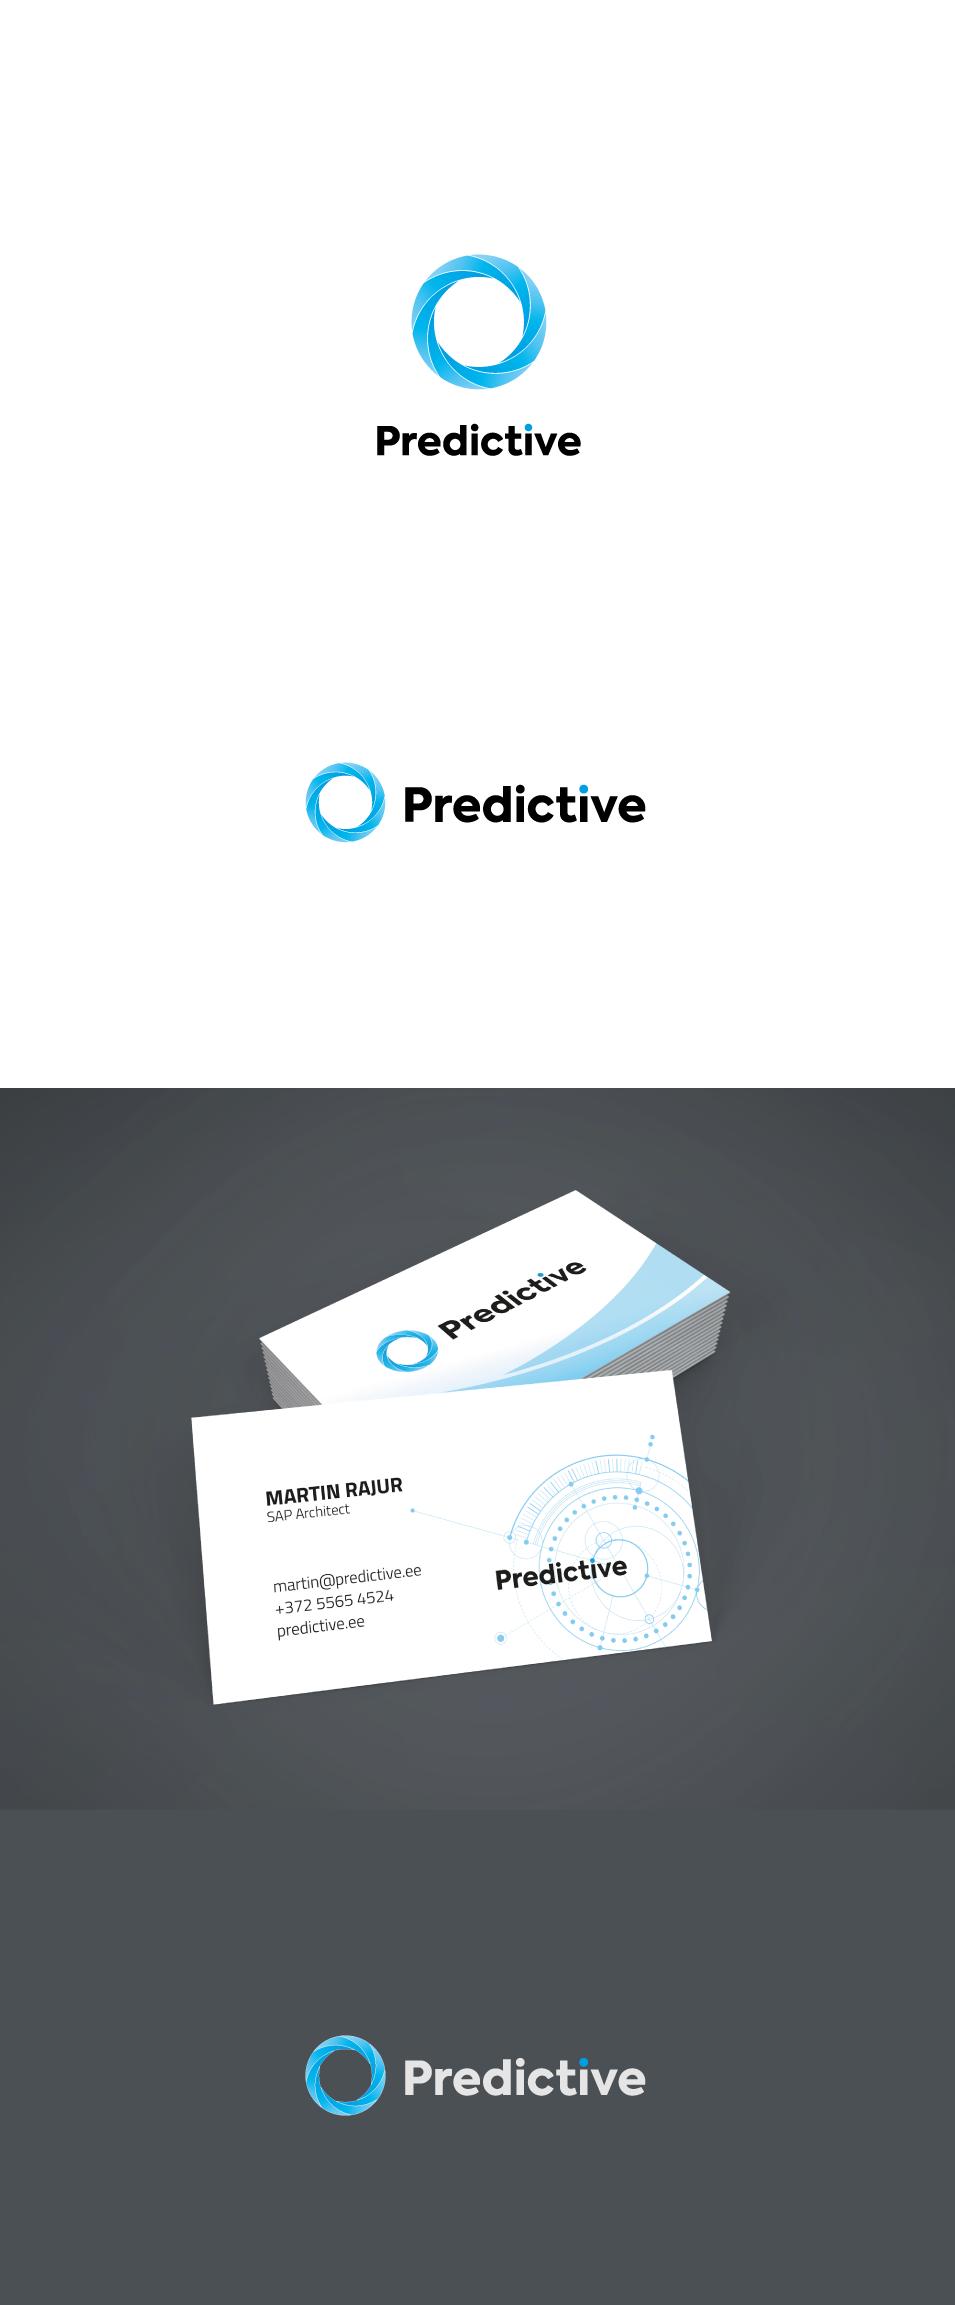 IndieAD-veebiportfoolio_Predictive_01